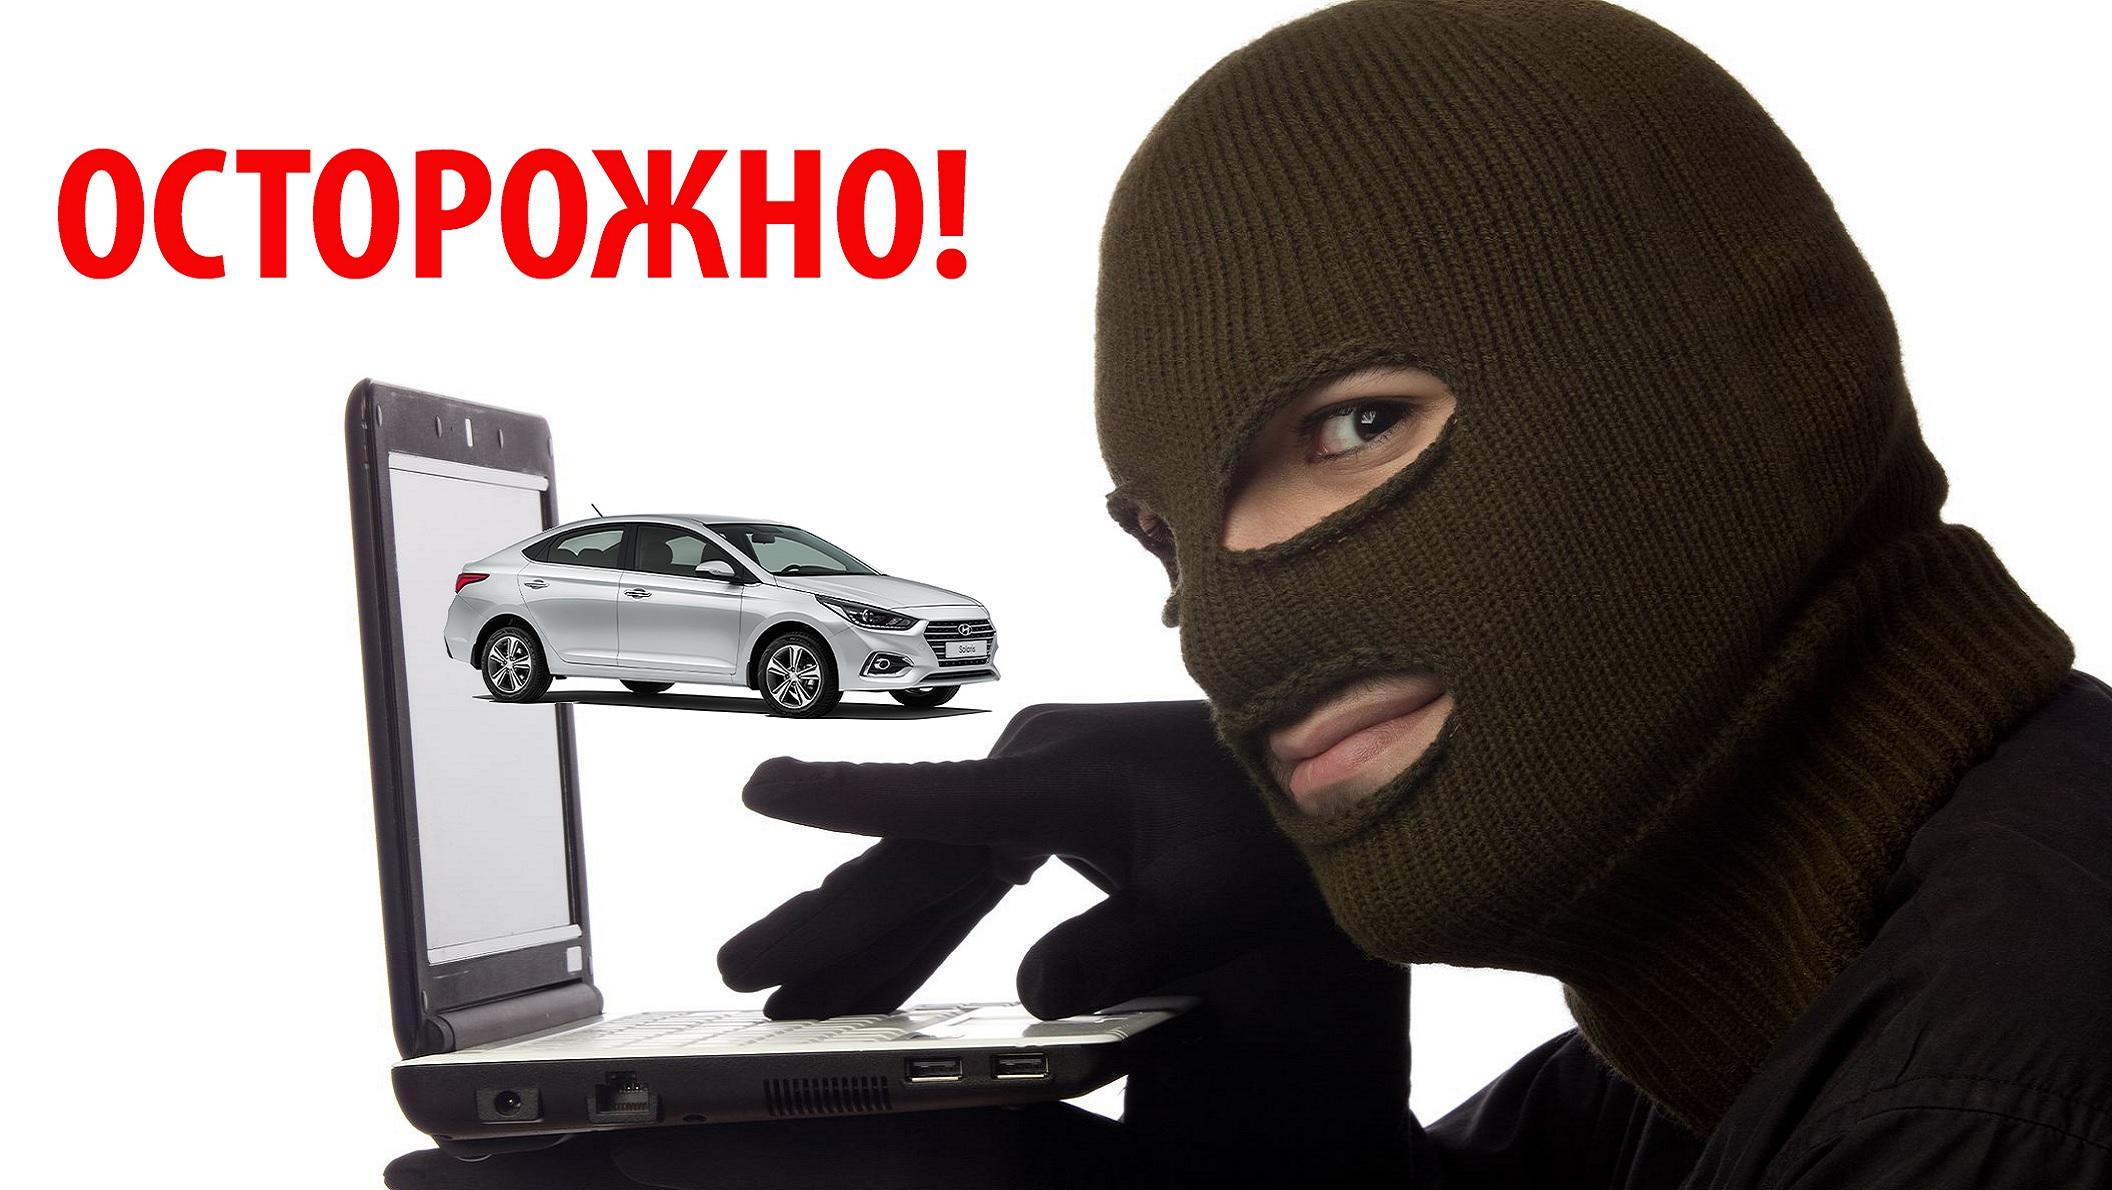 Покупка авто с переводом денег русфинанс проверка автомобиля на залог